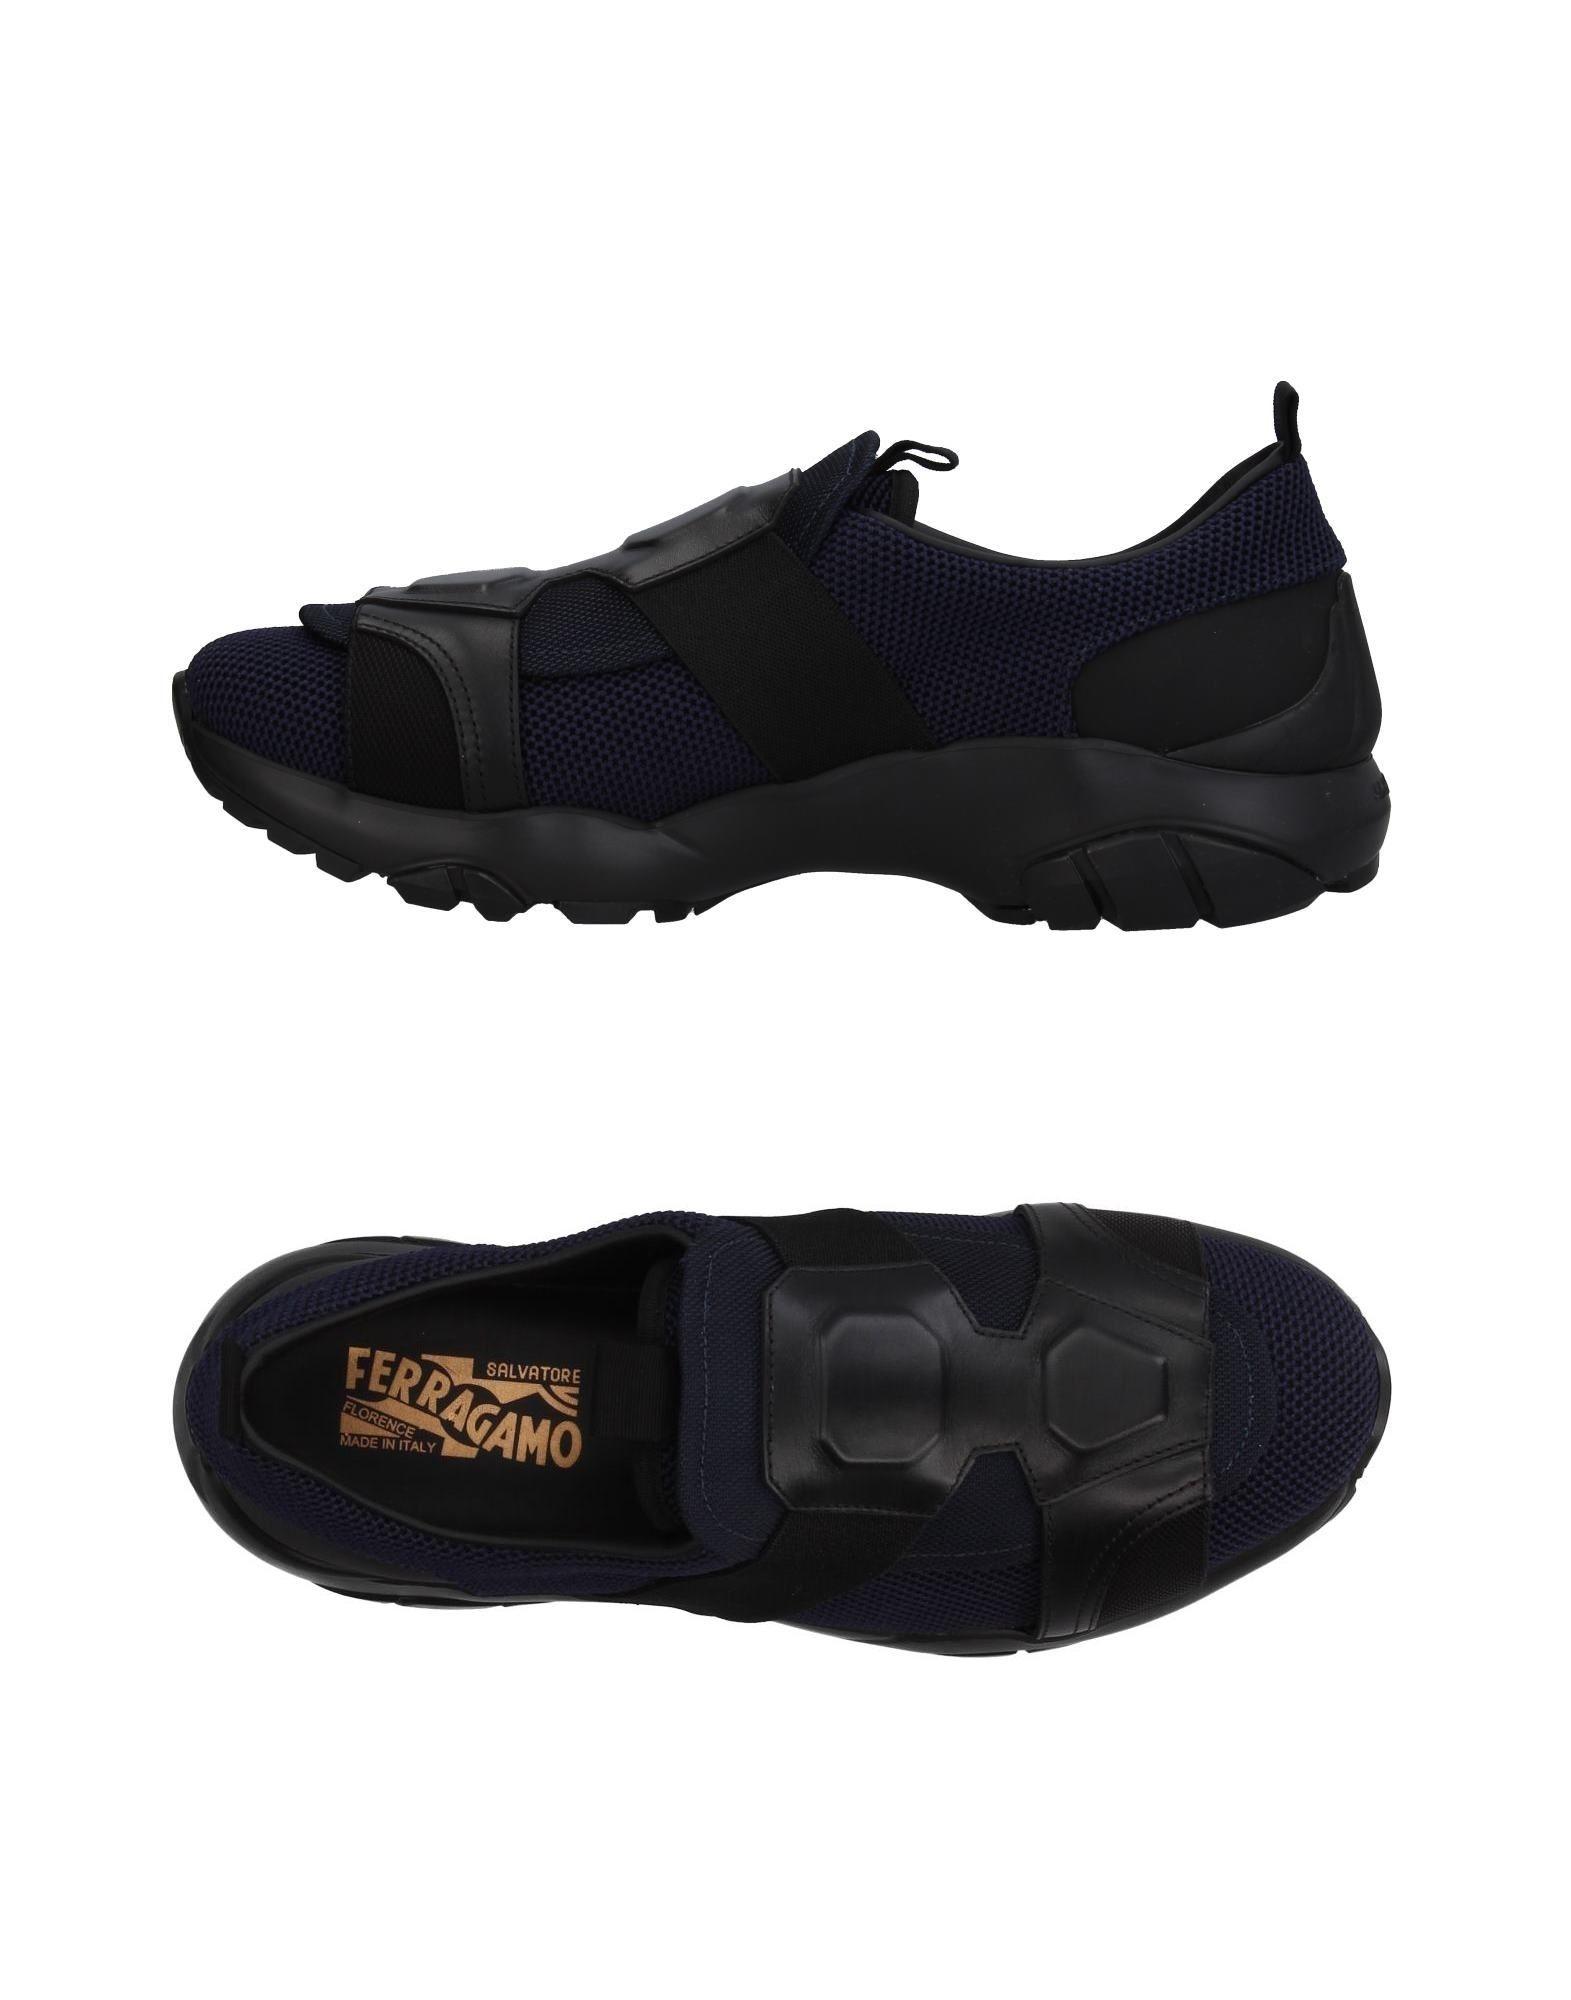 Salvatore Ferragamo Sneakers Herren  11402366BE Gute Qualität beliebte Schuhe